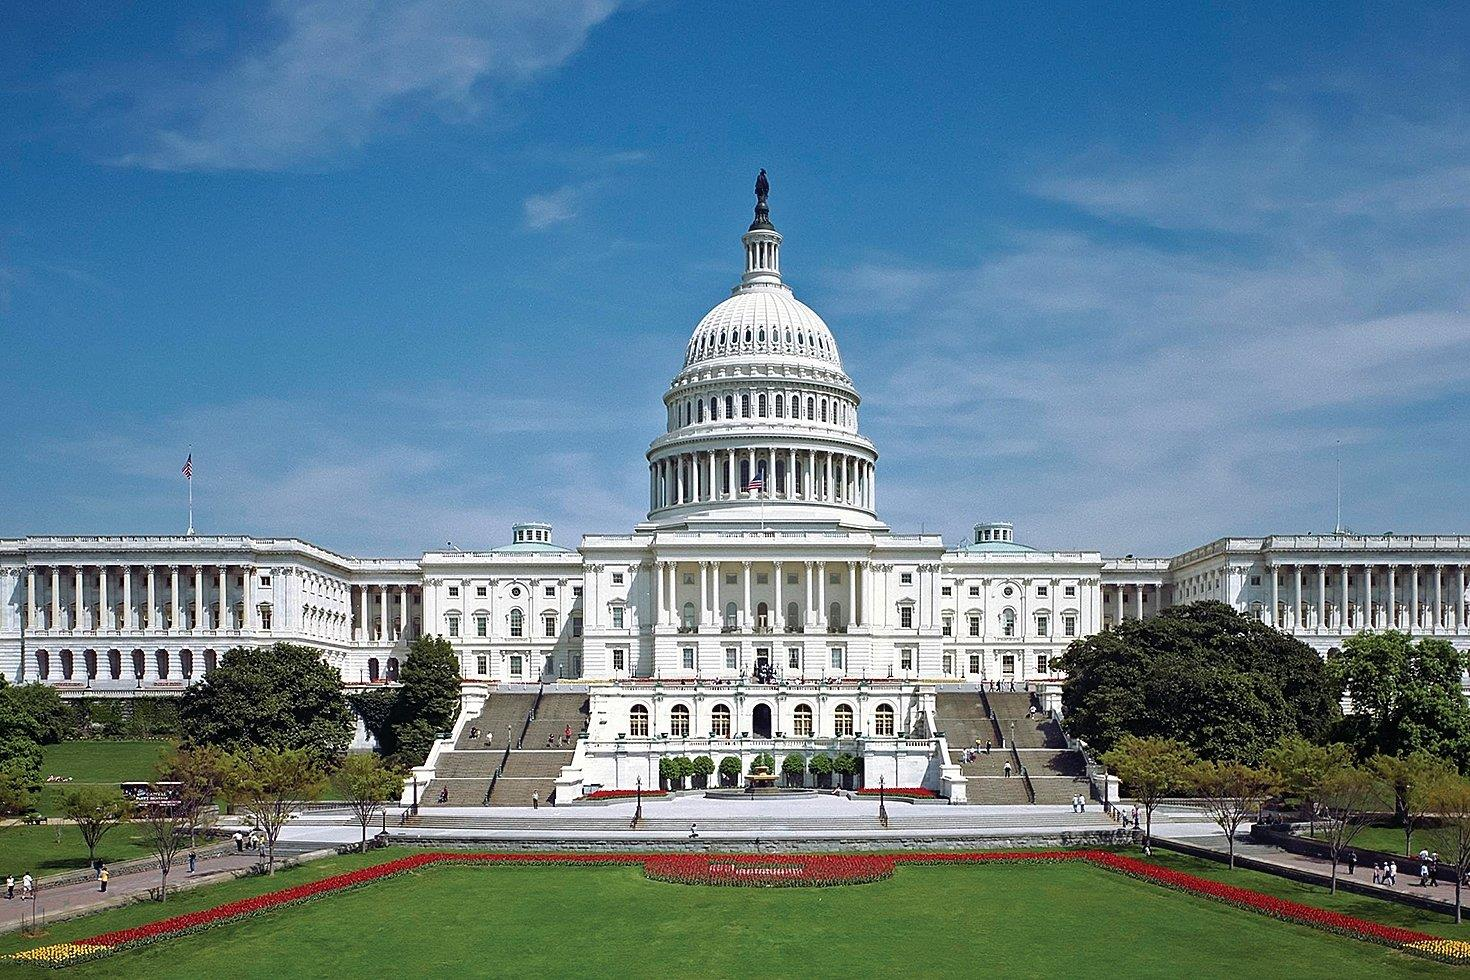 美國國會兩黨參議員2020年6月18日提出一項法案,旨在遏制中共盜竊美國大學的創新和研究。圖為美國國會大廈。(大紀元圖庫)